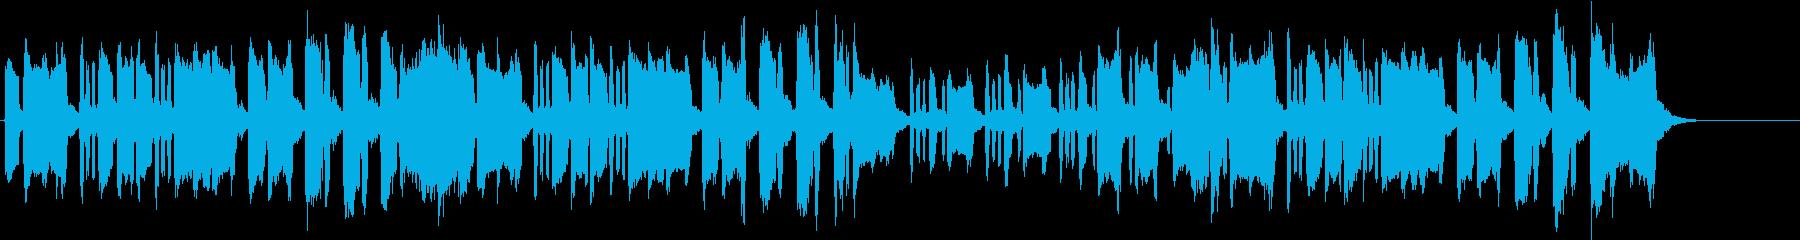 アイーダ 凱旋行進曲 サッカー定番曲の再生済みの波形